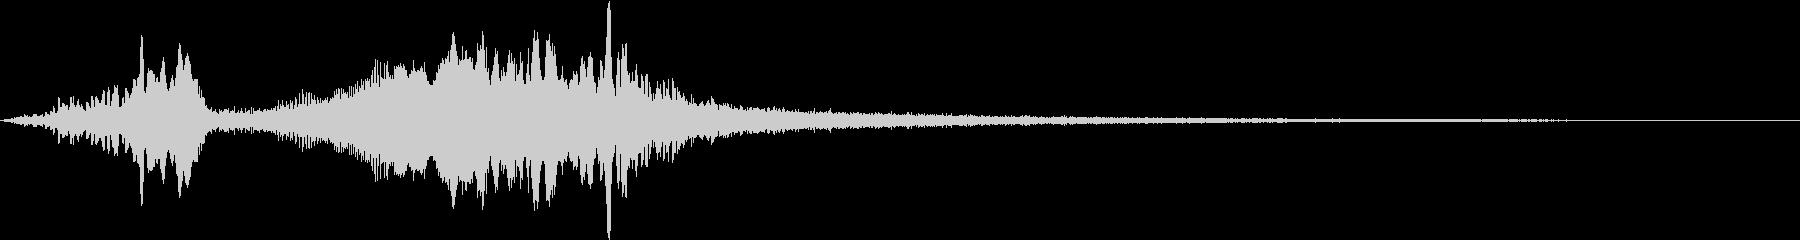 TV RADIO SFX2 ネクストの未再生の波形